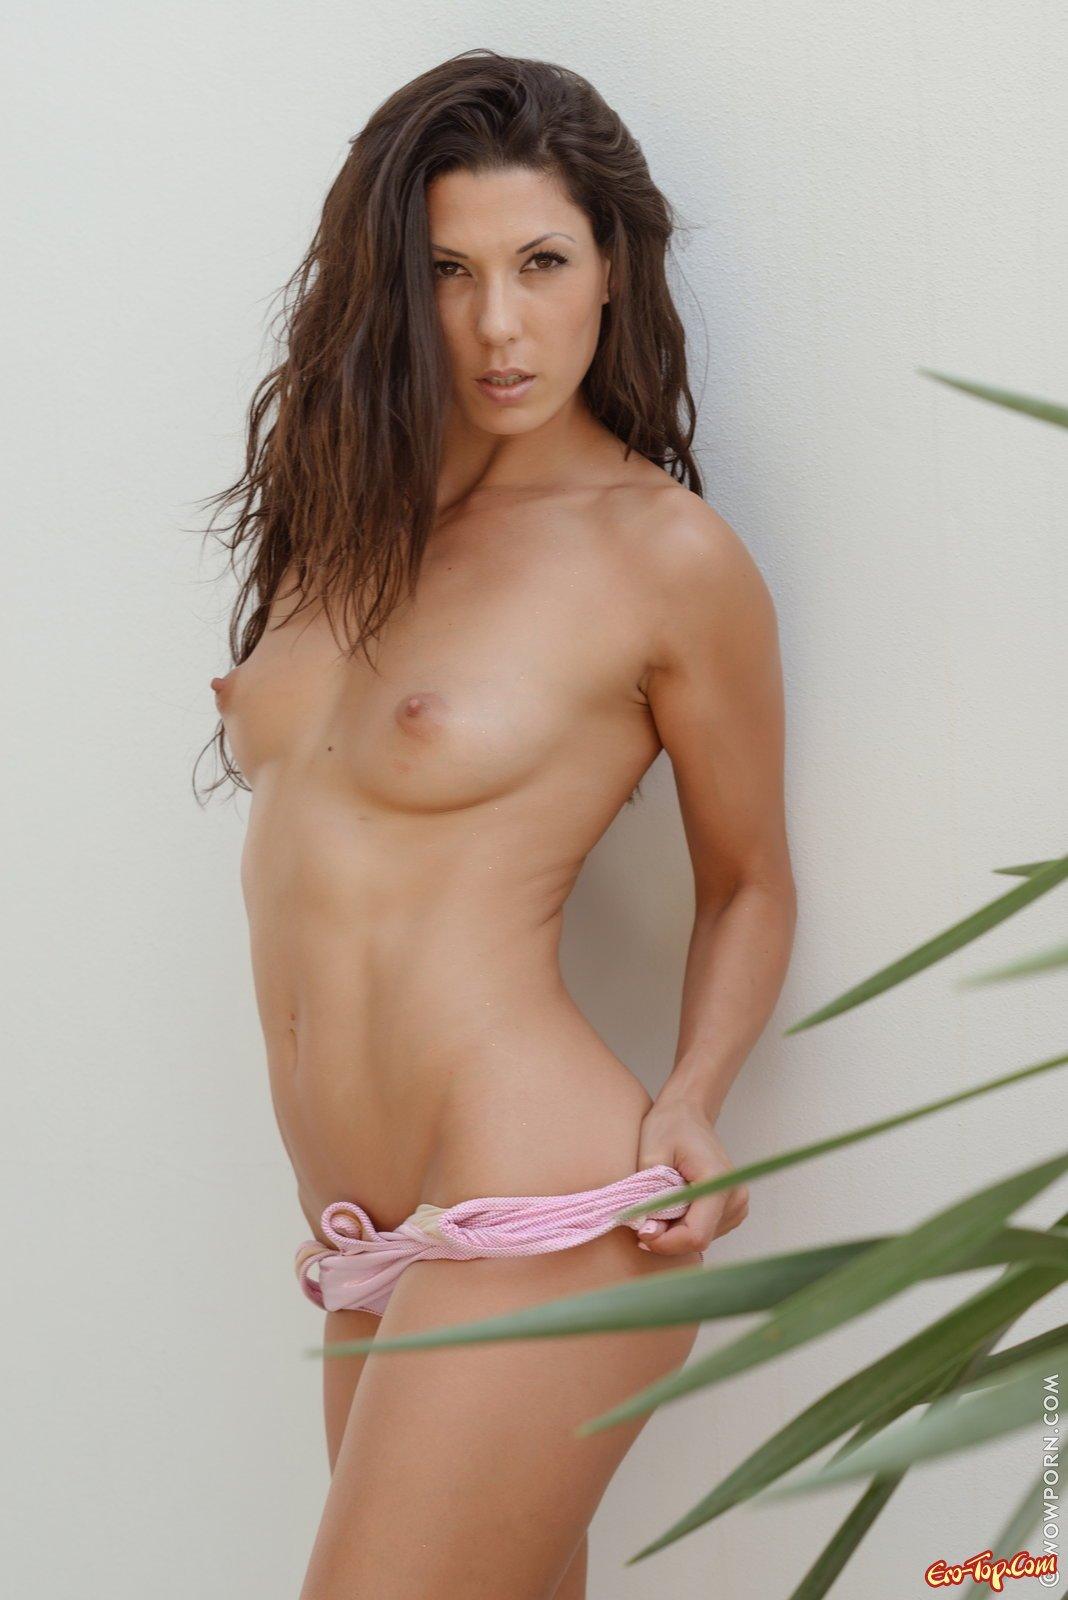 Соблазнительная девка стягивает розовый купальник